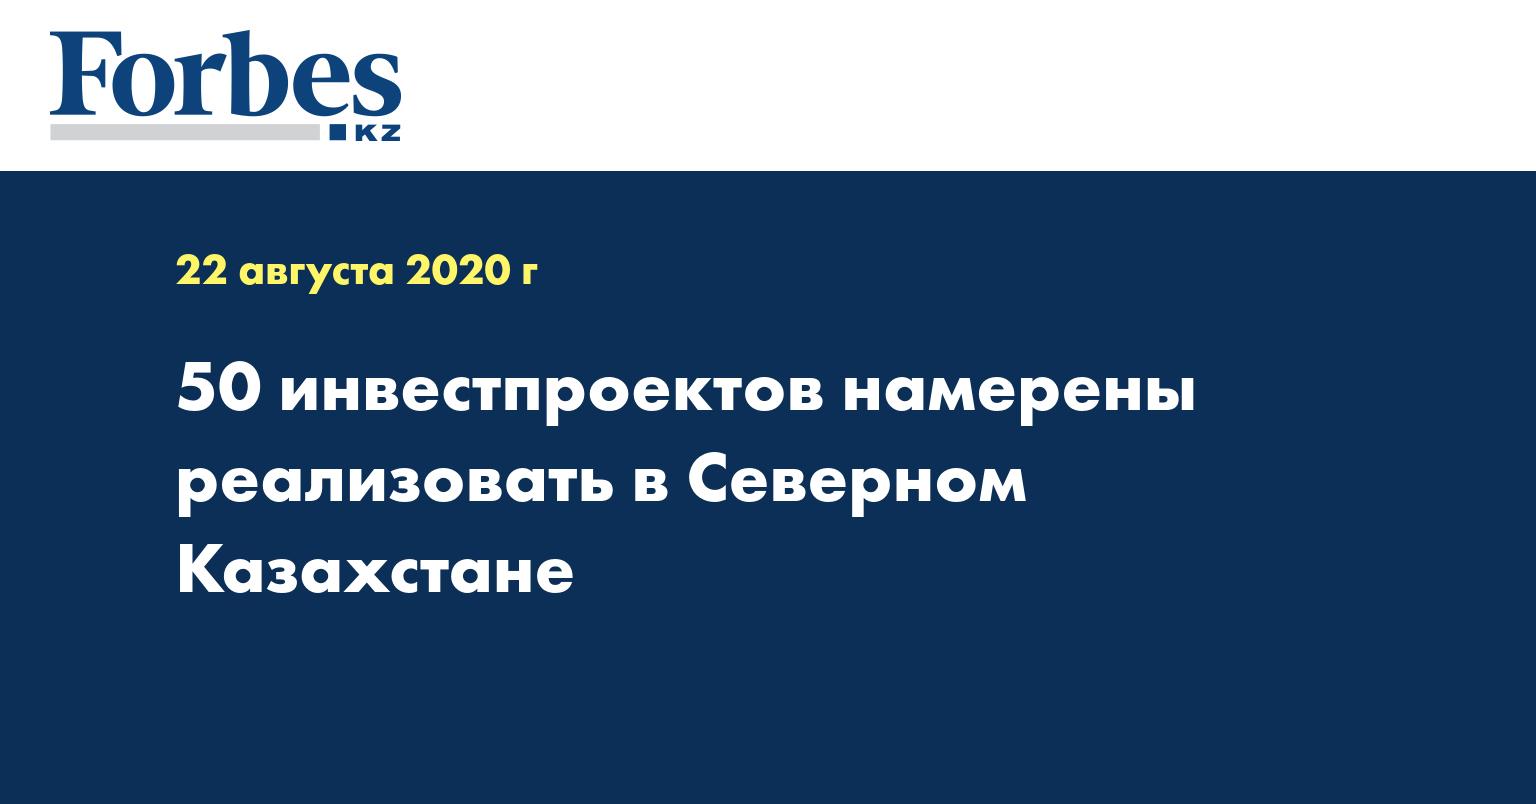 50 инвестпроектов намерены реализовать в Северном Казахстане